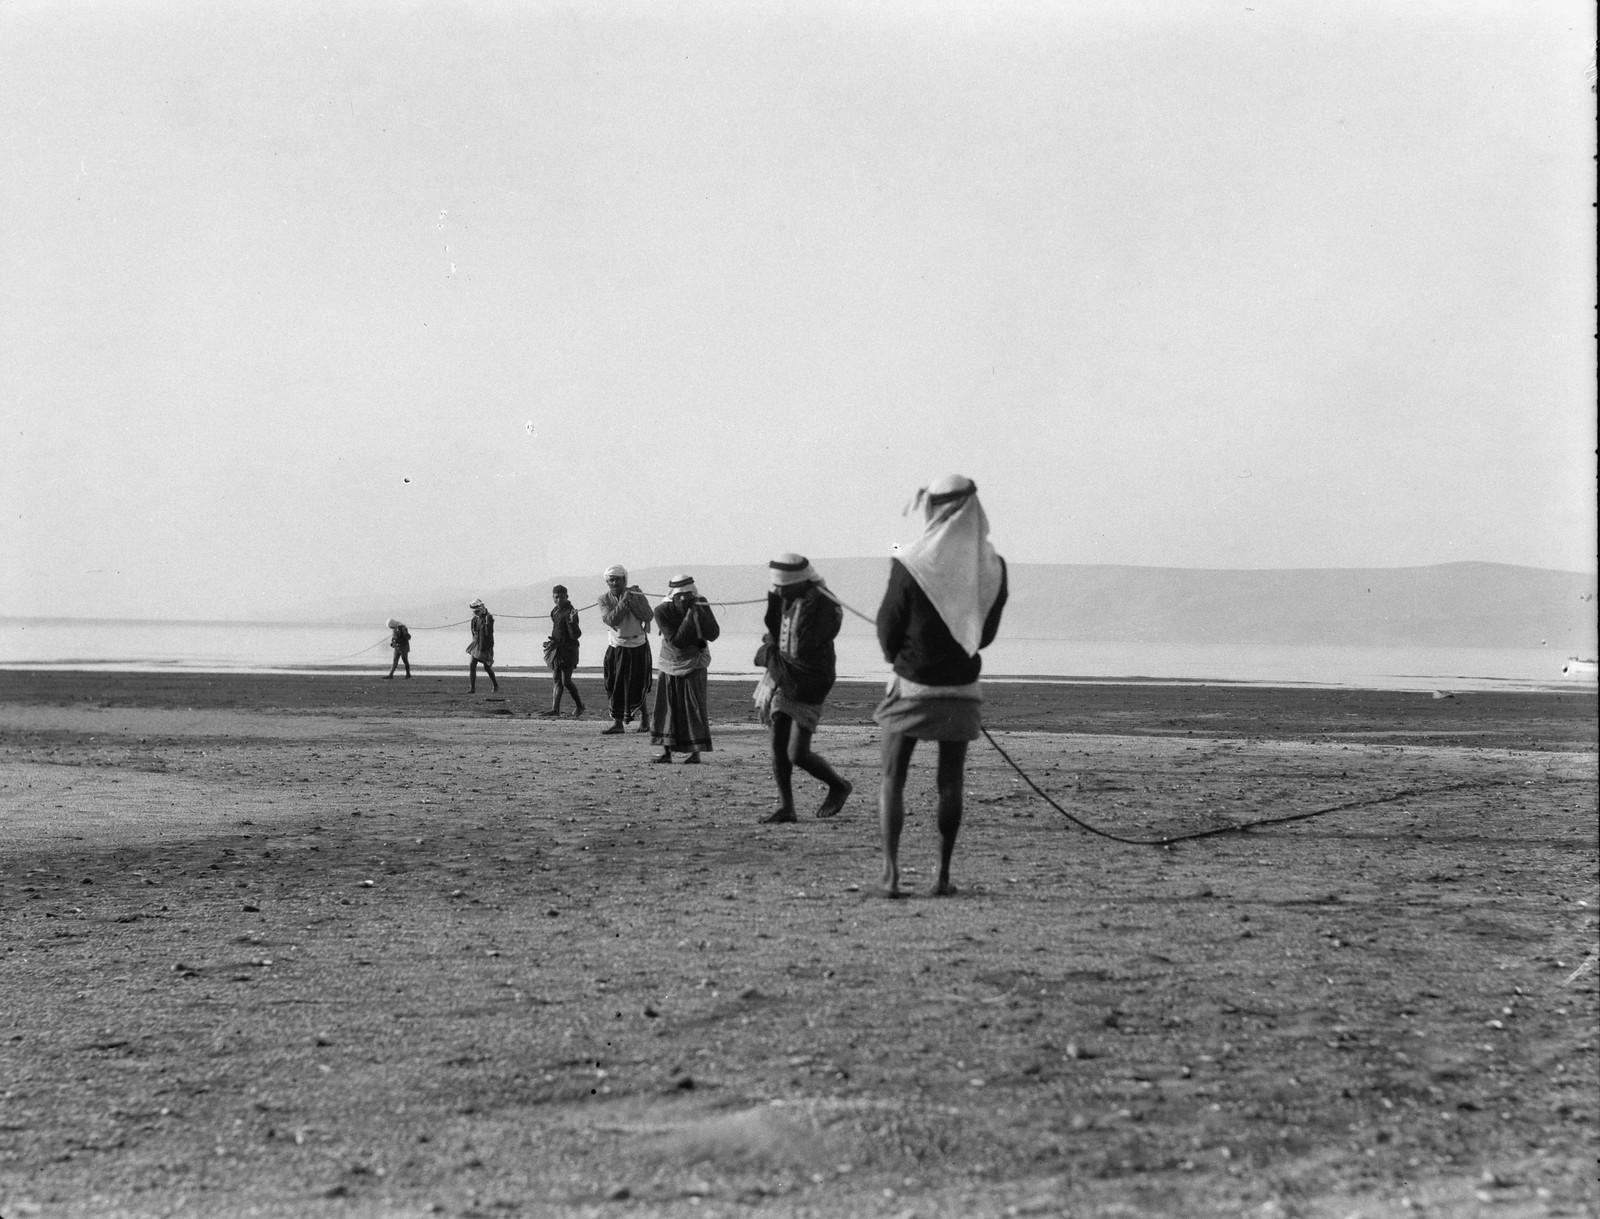 07. Рыбаки на берегу вытягивают сети